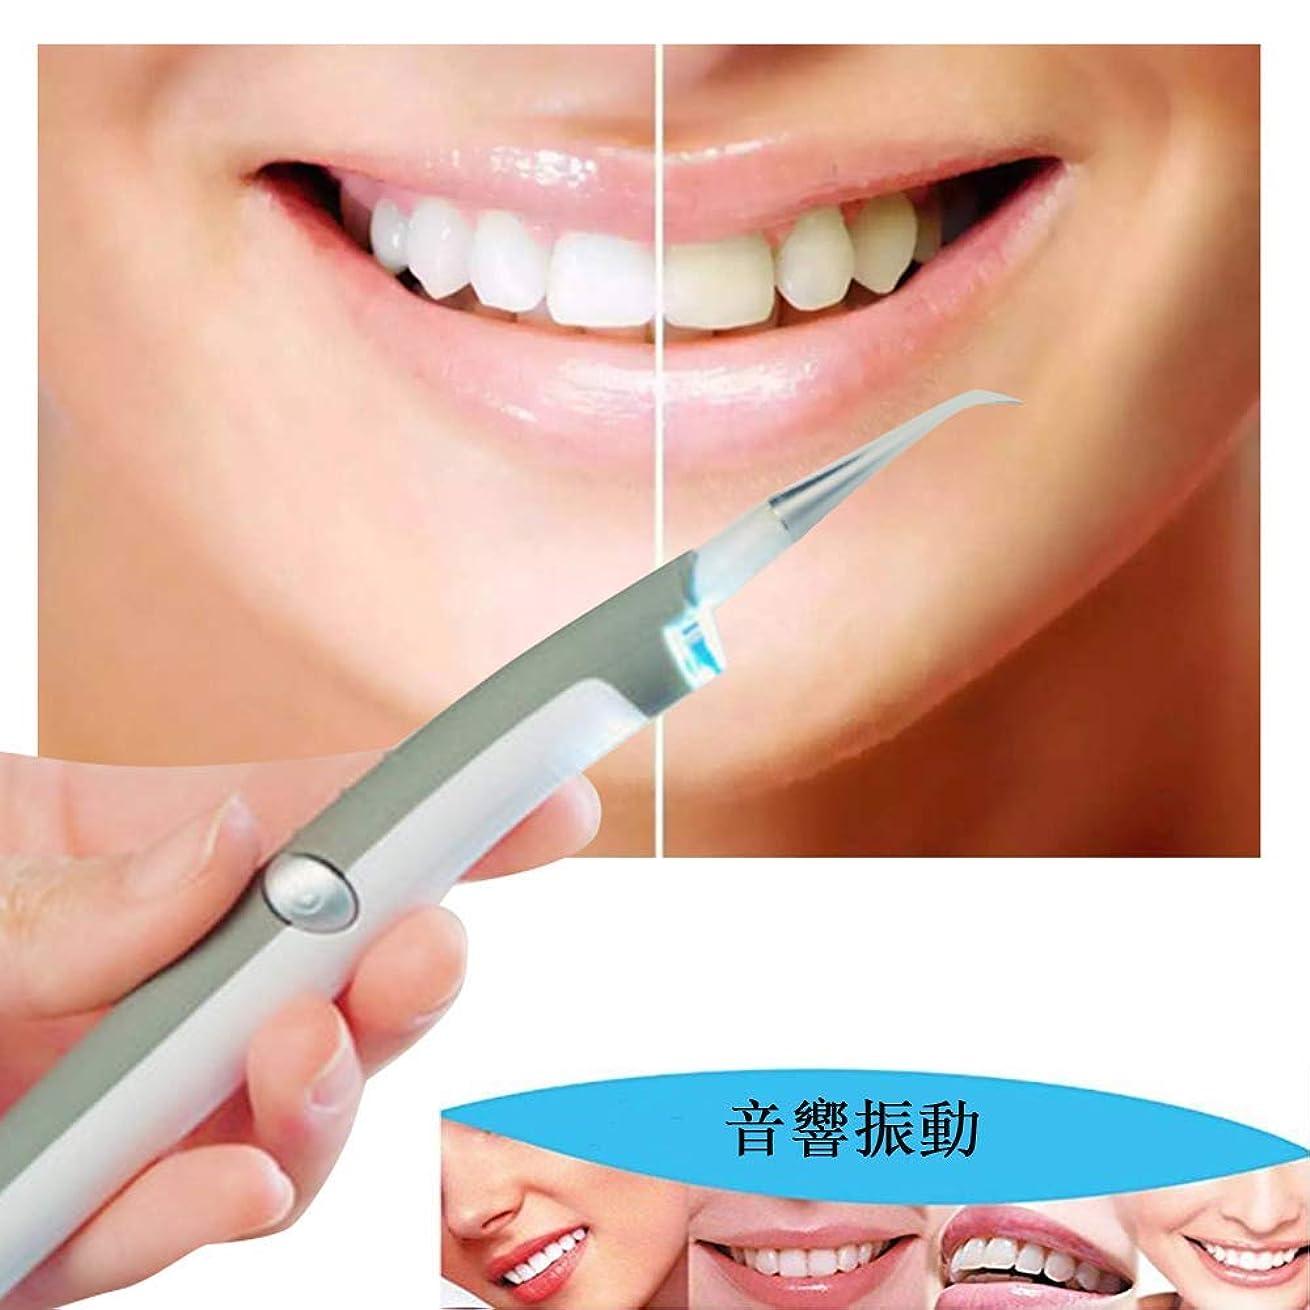 明らか高める批判的にCarejoy LED歯科用歯ステイン消しゴム 電動デンタルステインプラークリムーバー 歯科クリーニングシステム 歯クリーナー 歯科汚れリムーバー LEDの歯汚れ消しゴムプラークリムーバー 口腔衛生ケアのためのプロフェッショナルな歯科用クリーニングツール ホワイトナー 家庭用